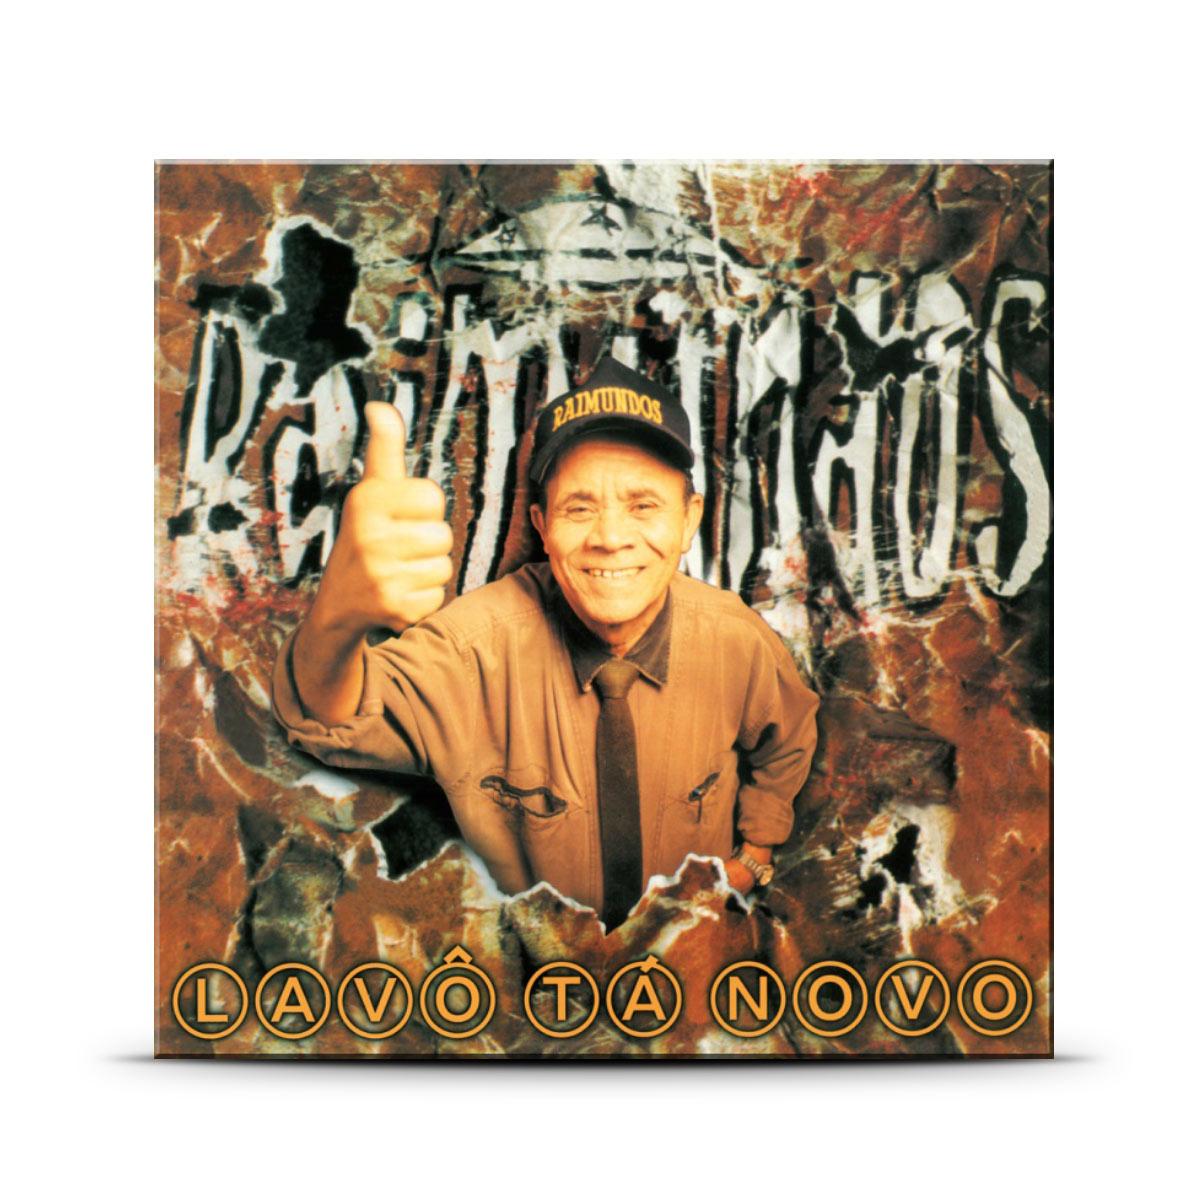 LP Raimundos Lav� t� Novo